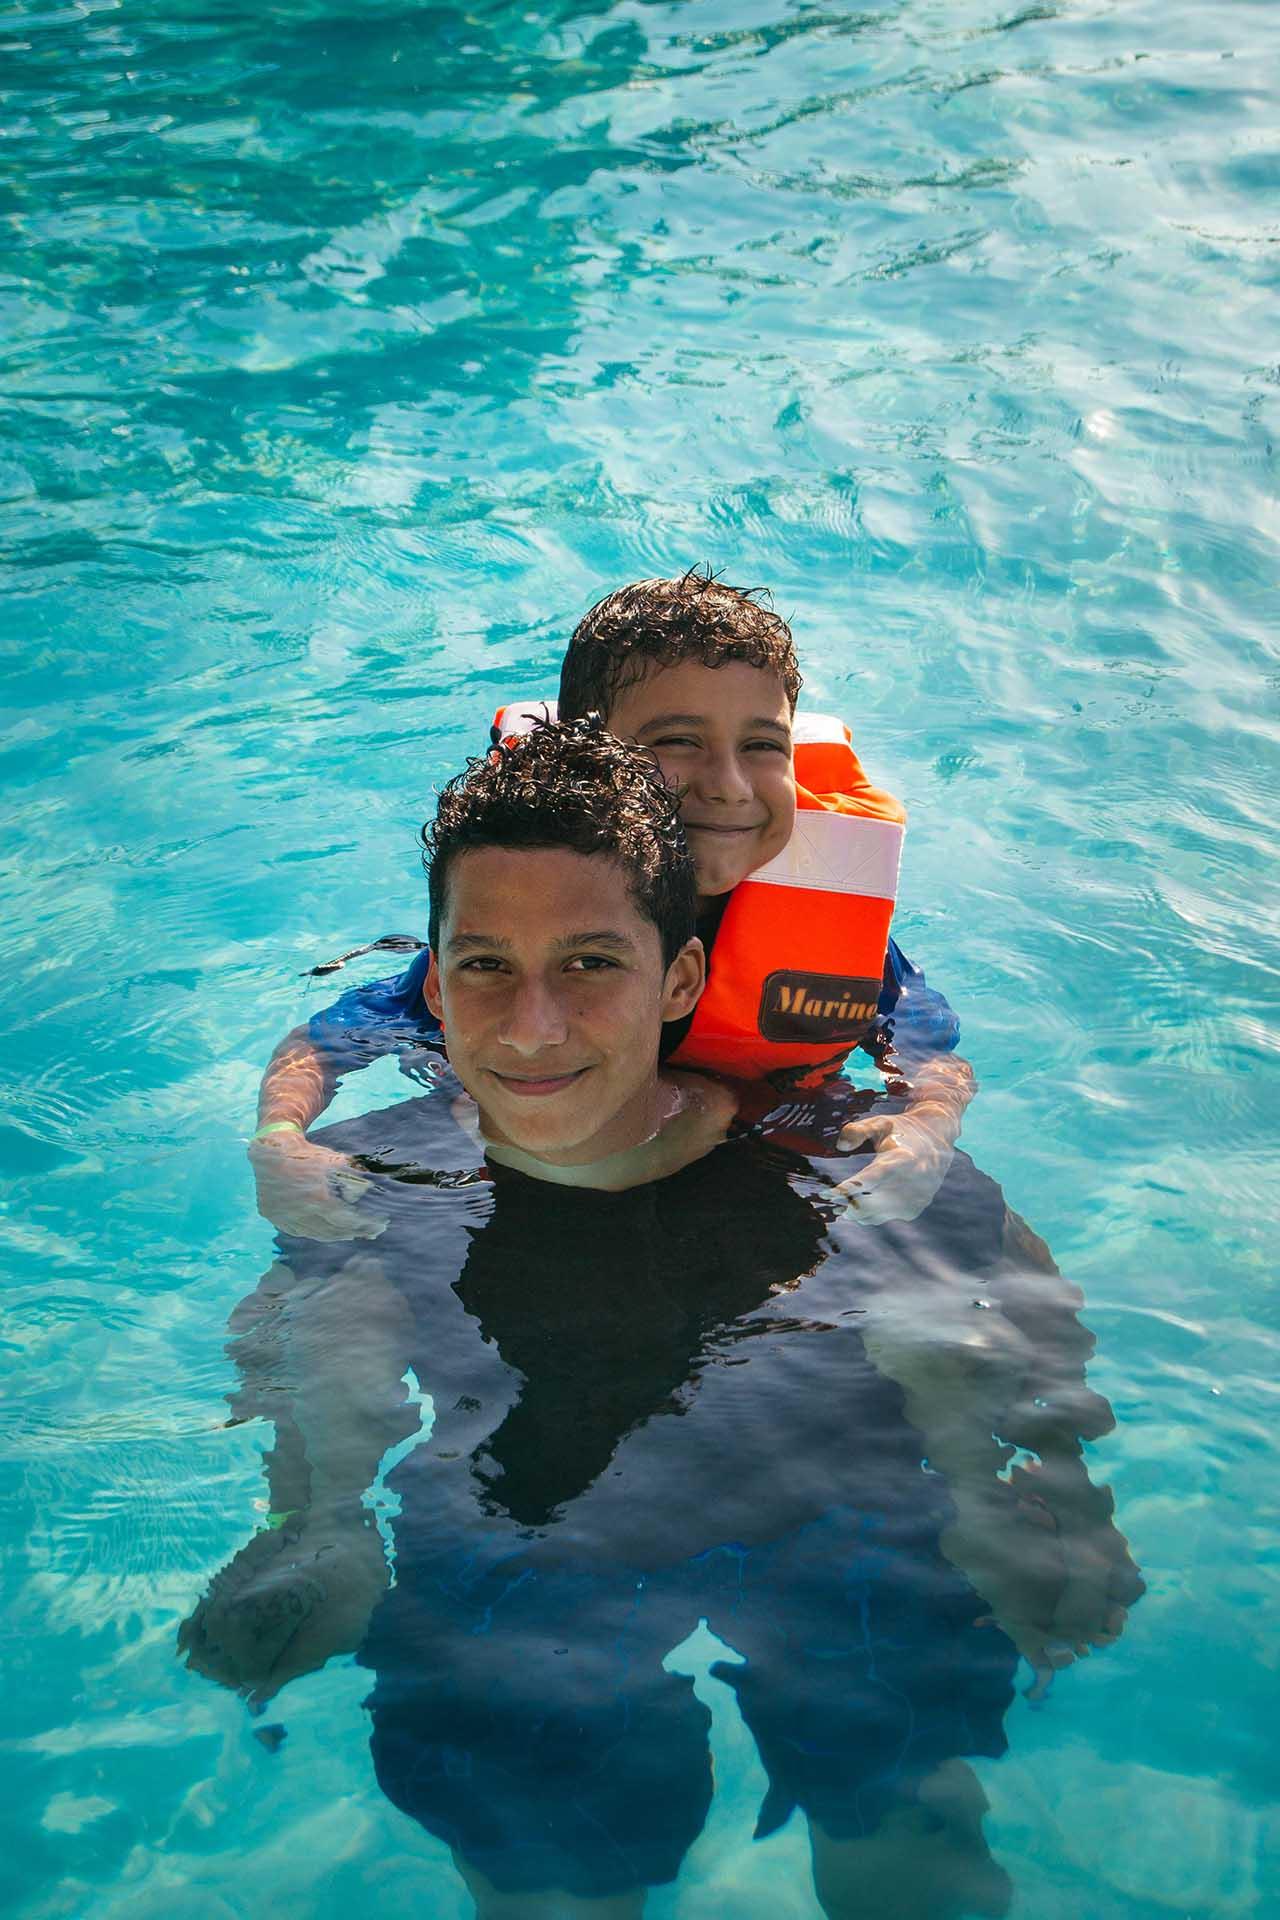 Brothers-having-fun-in-the-pool